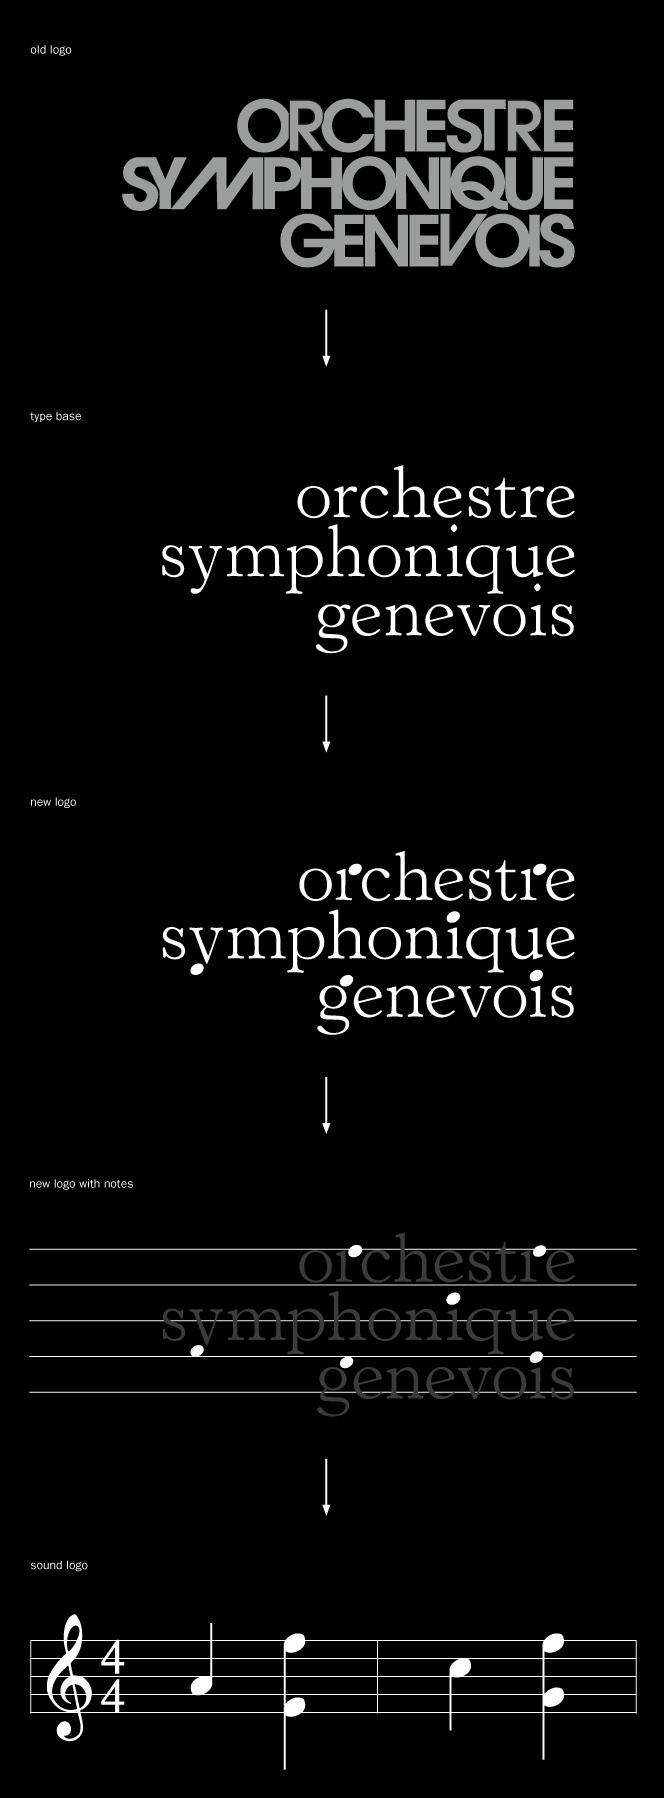 Orchestre Symponique Genevois 7